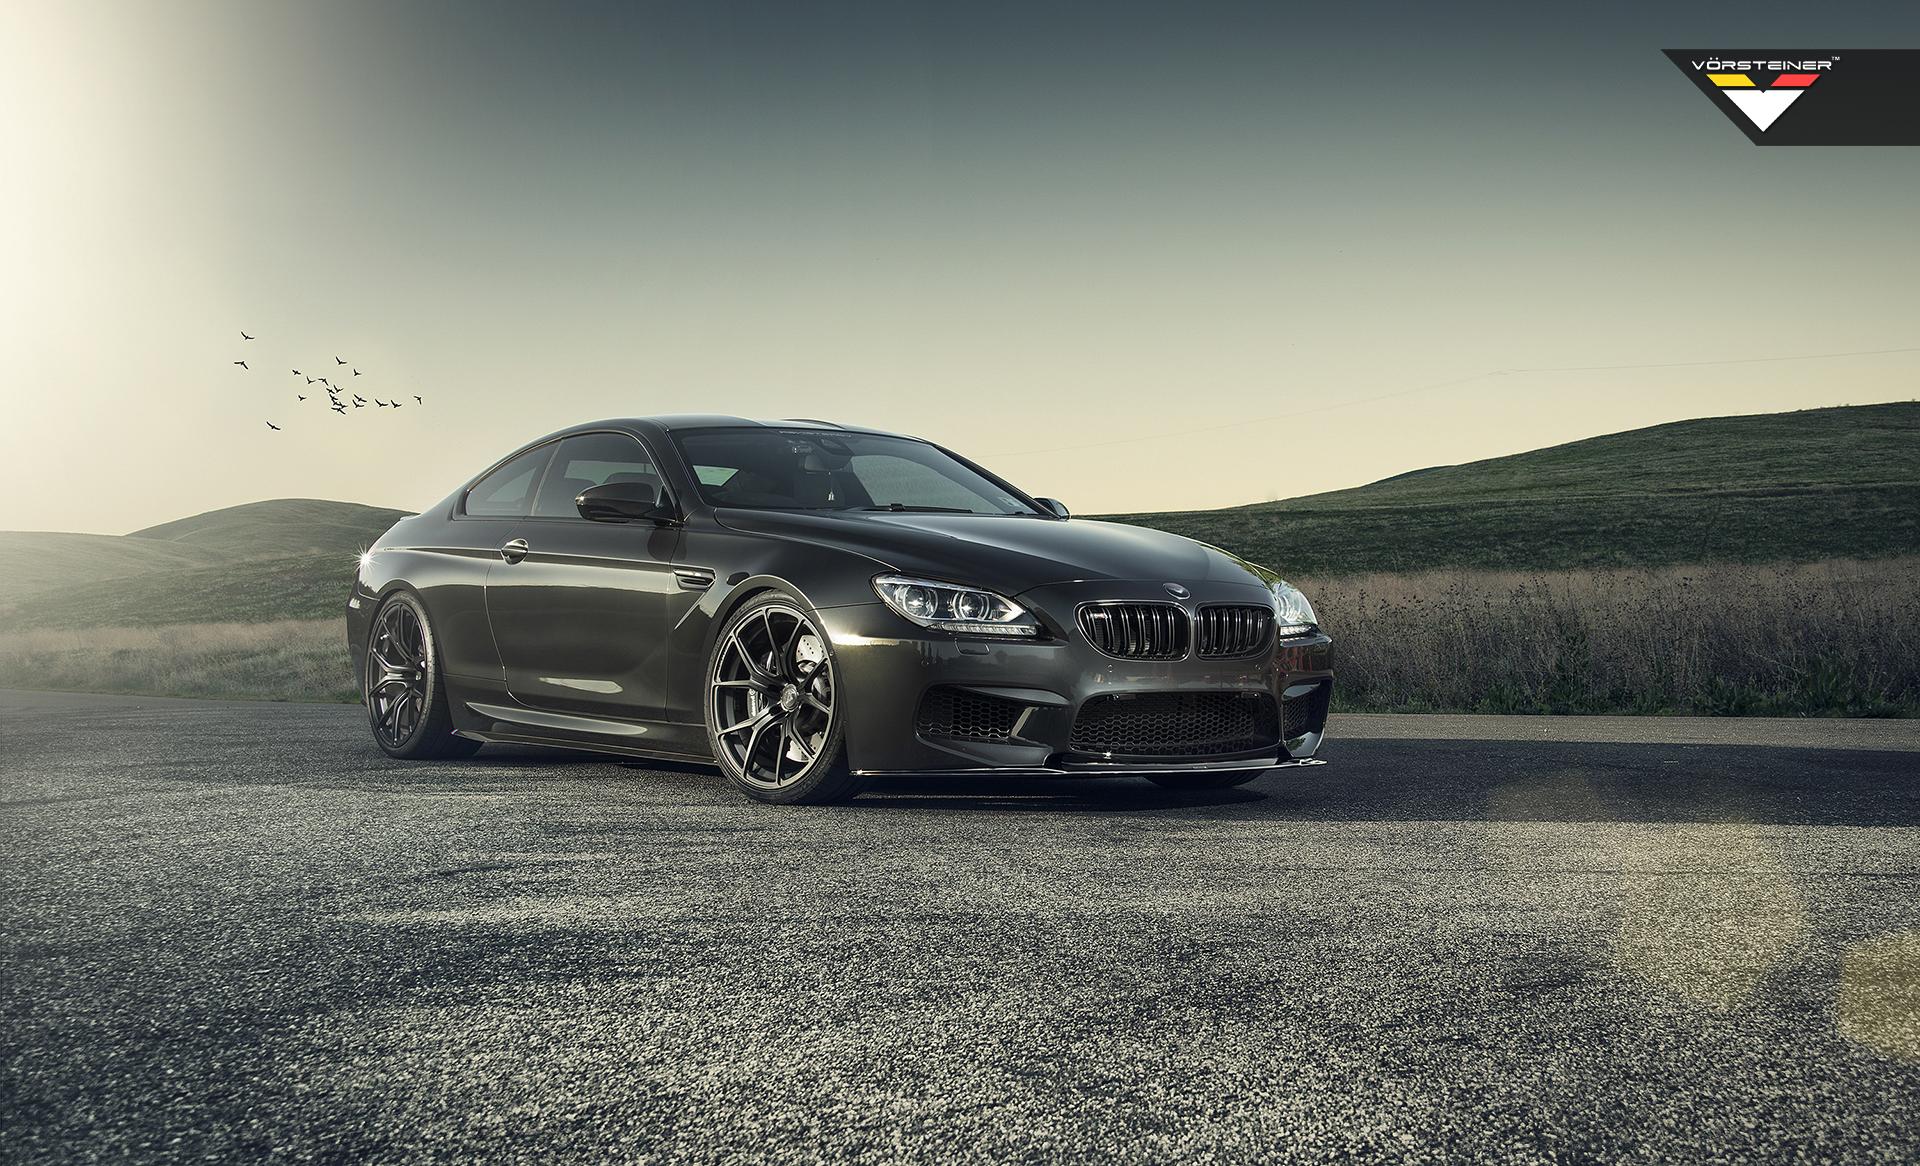 Vorsteiner_BMW_F13M6_GTSV_VSE003 (5)